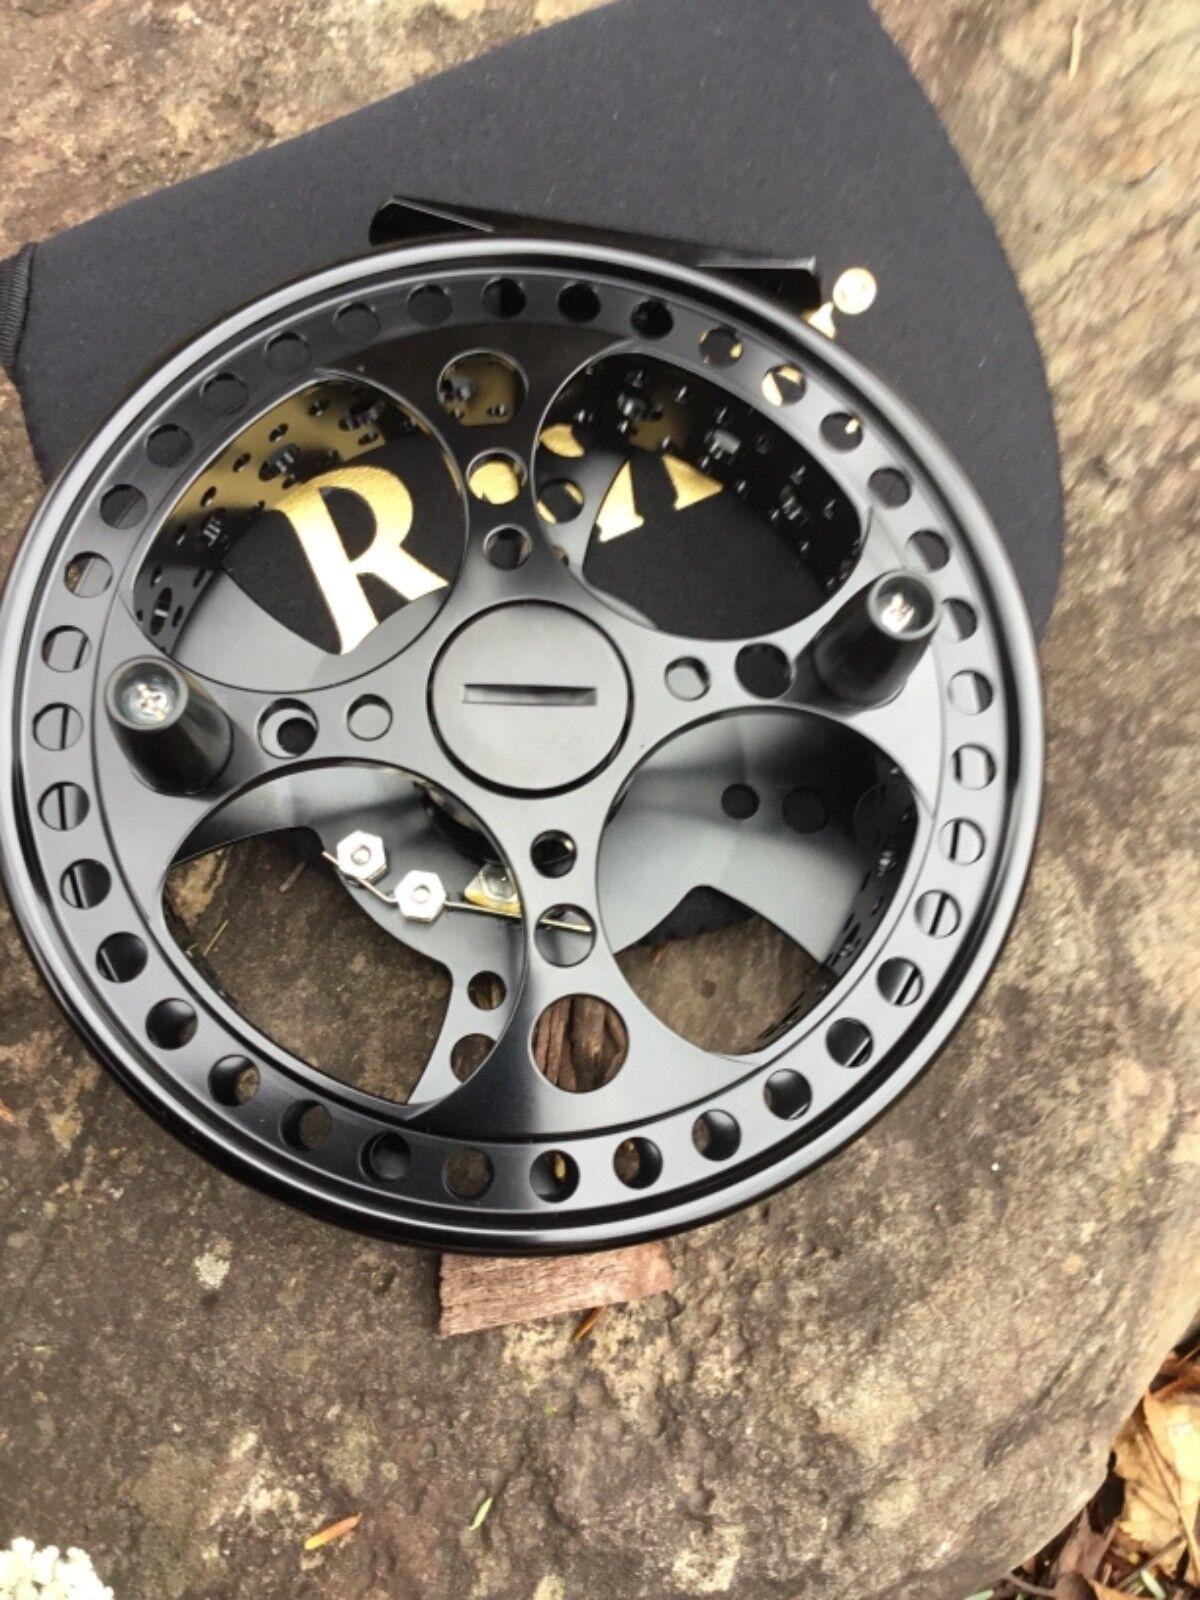 Raven matriz Edición Limitada XL flotar Cocherete 5 1 8 , bolsa libre, acabado negro azabache